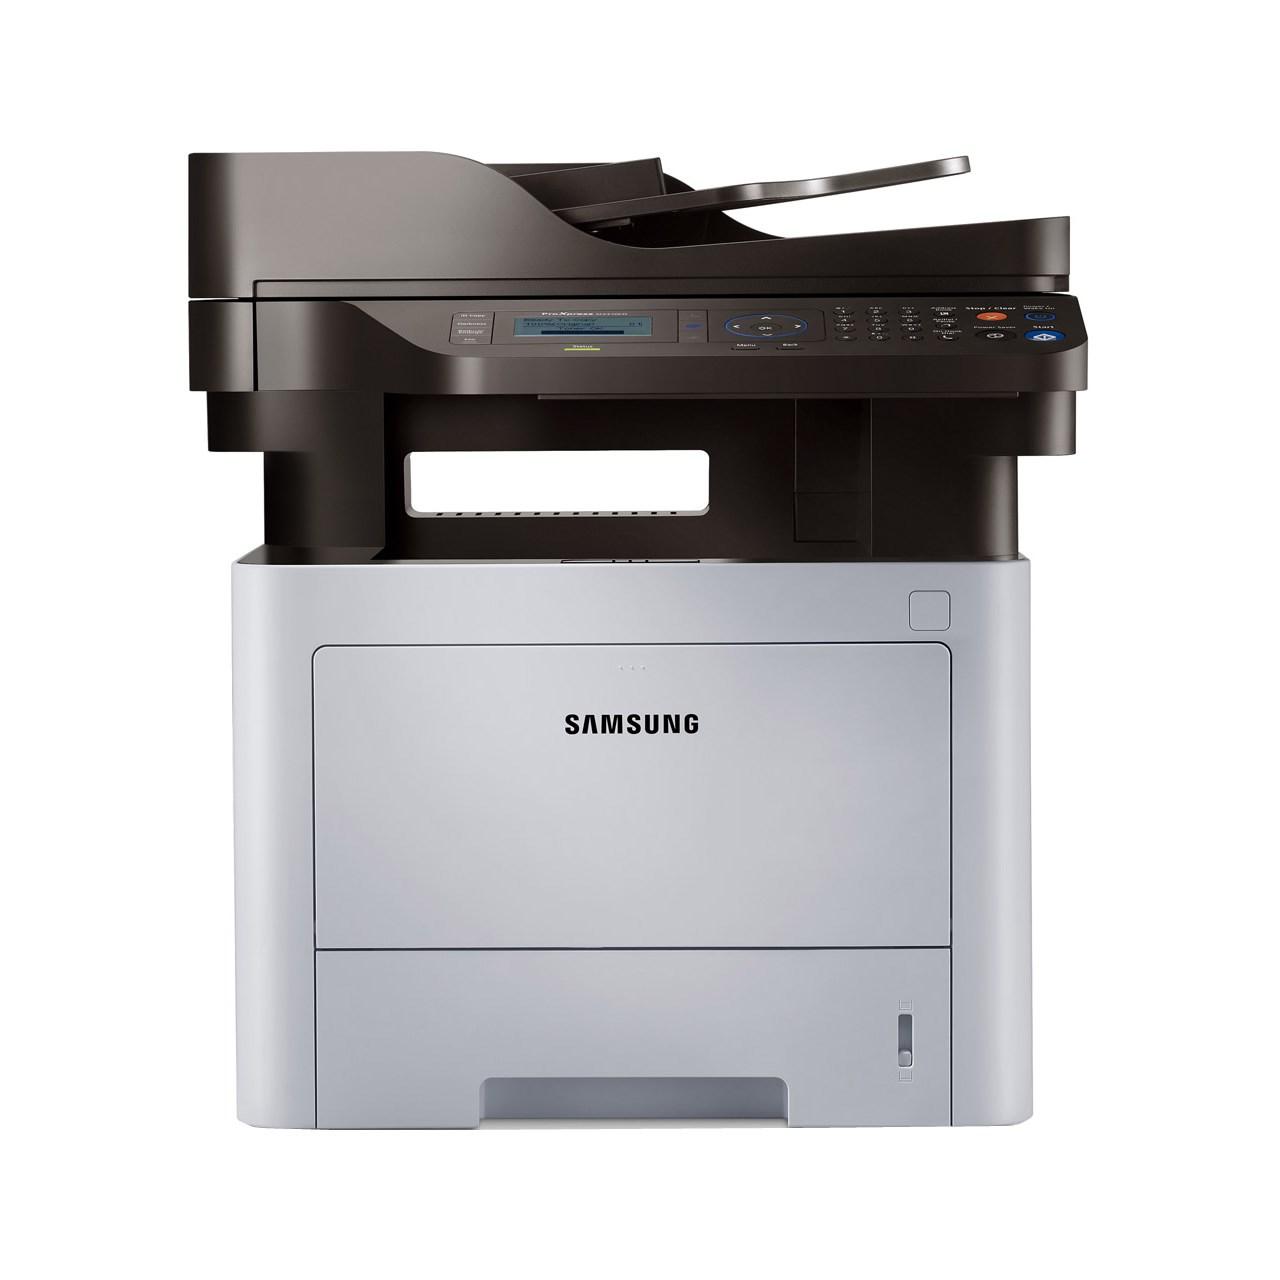 قیمت                      پرینتر لیزری چند کاره سامسونگ مدل ProXpress SL-M3370FD